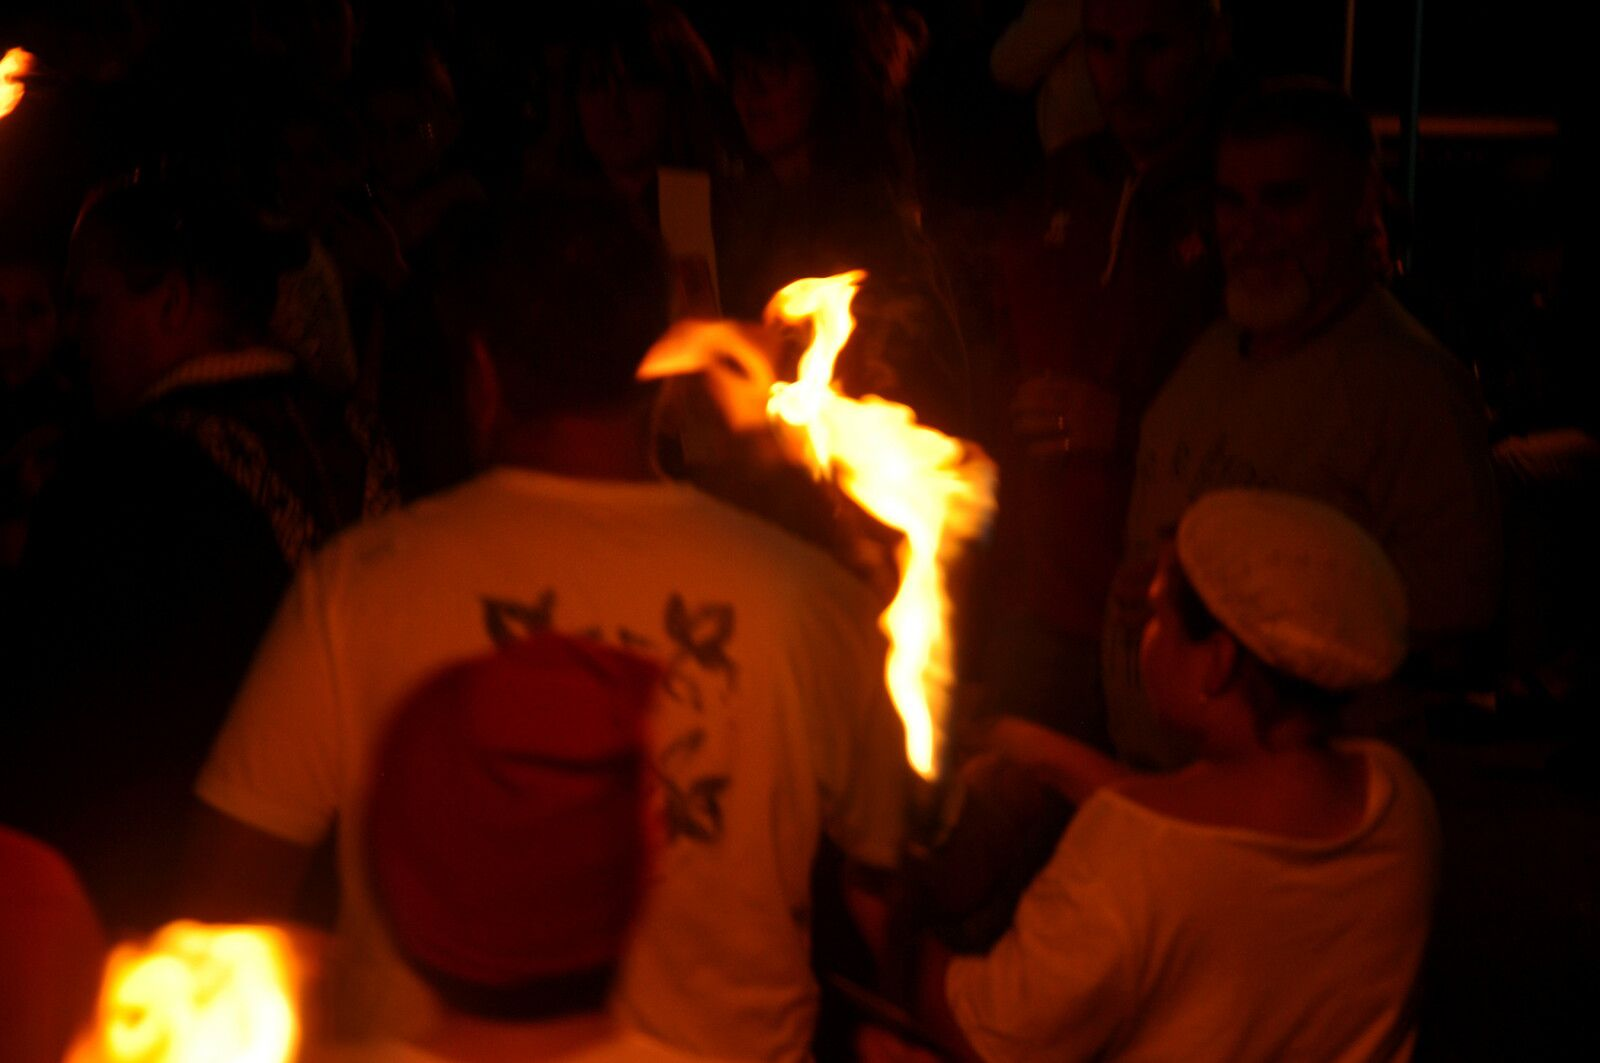 Le feu arrive et tourne autour du futur feu.